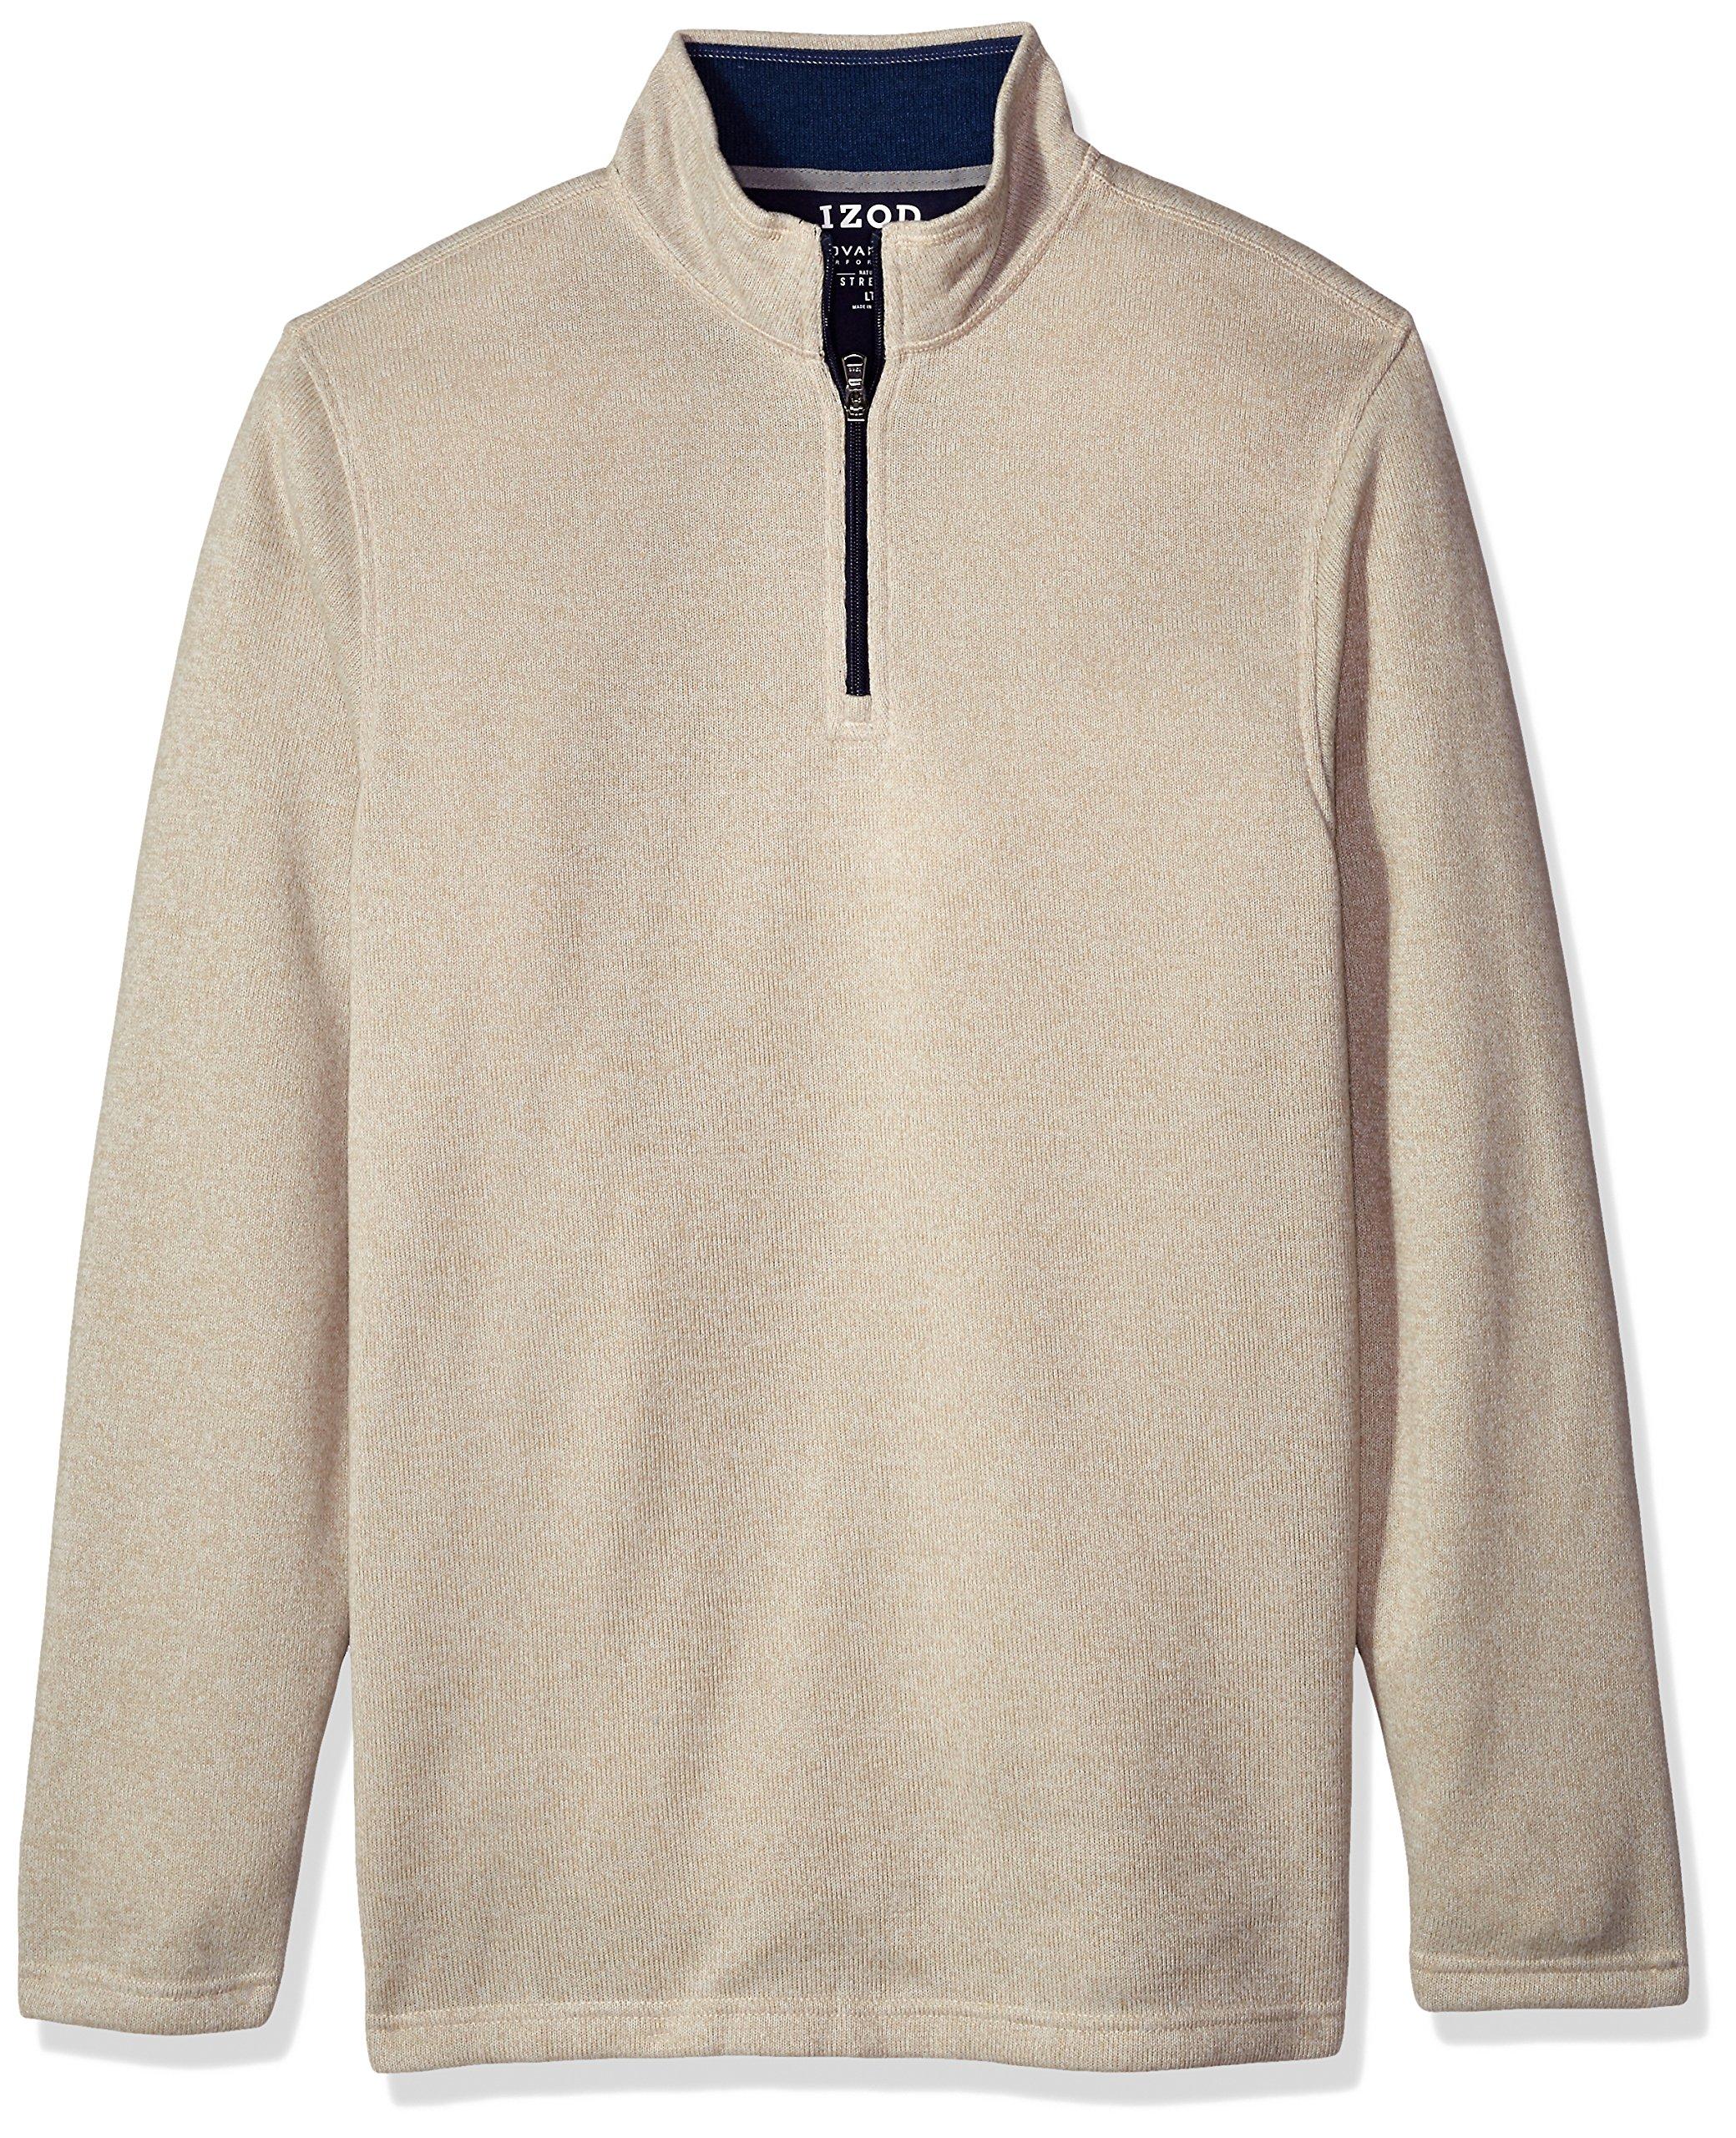 IZOD Men's Big Saltwater Solid 1/4 Zip Sweater, Rock Beige Heather, 4X-Large Tall